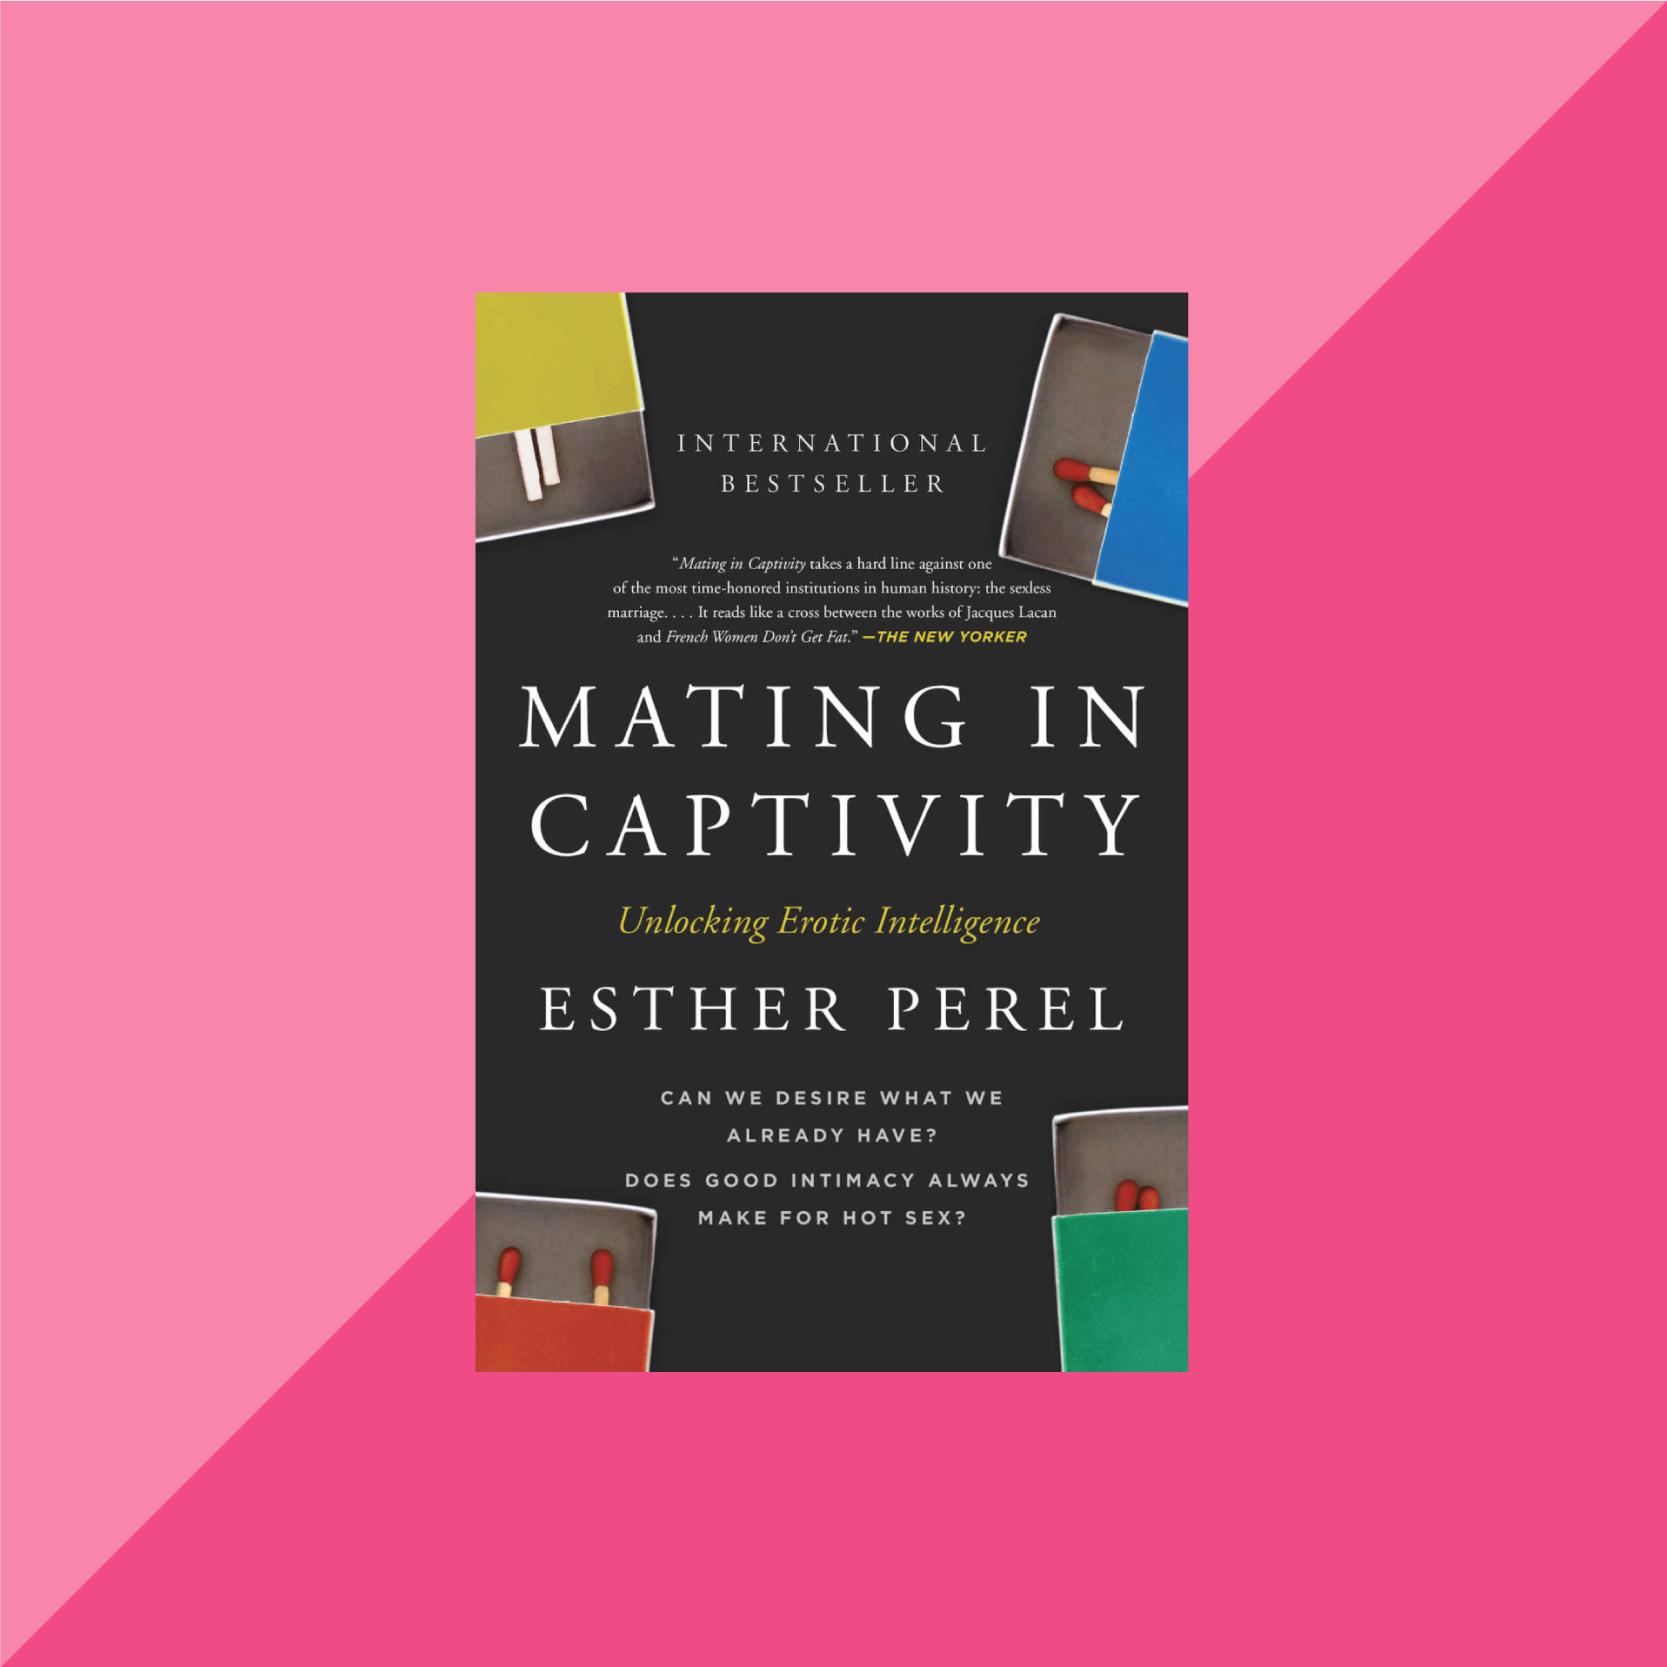 Mating-in-Captivity-Perel.jpg